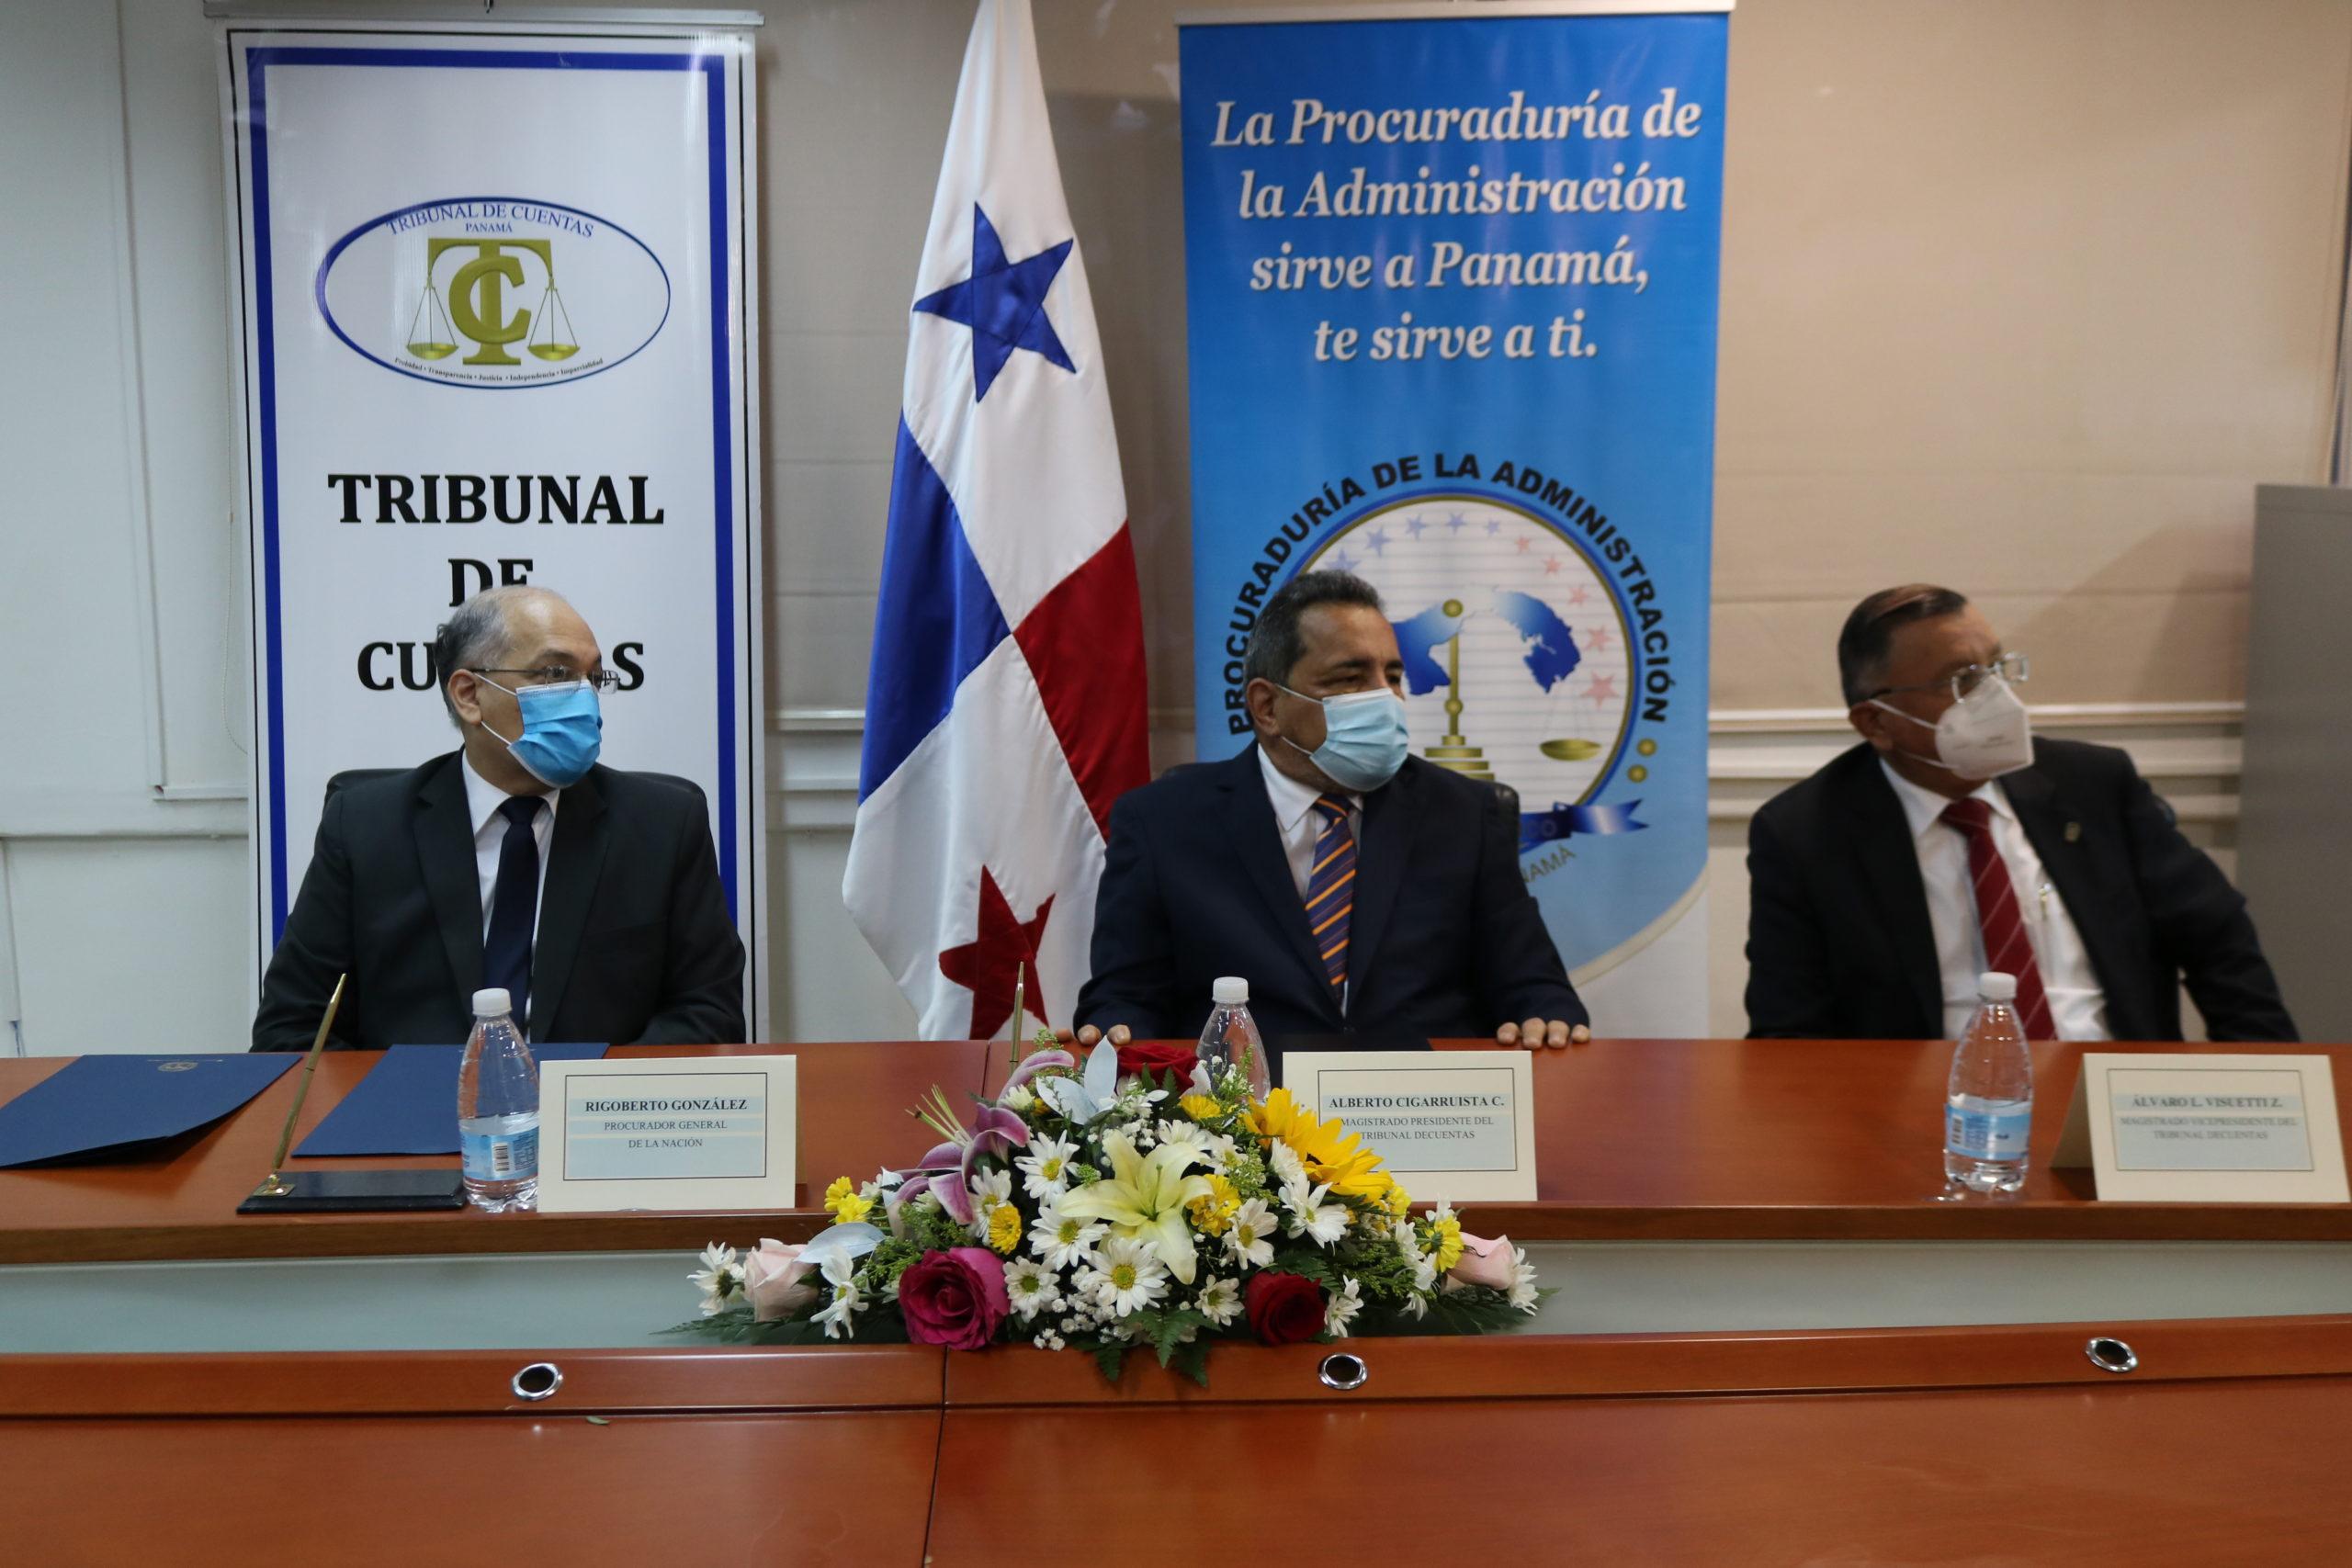 Procuraduría de la Administración y Tribunal de Cuentas fortalecen vínculos de colaboración